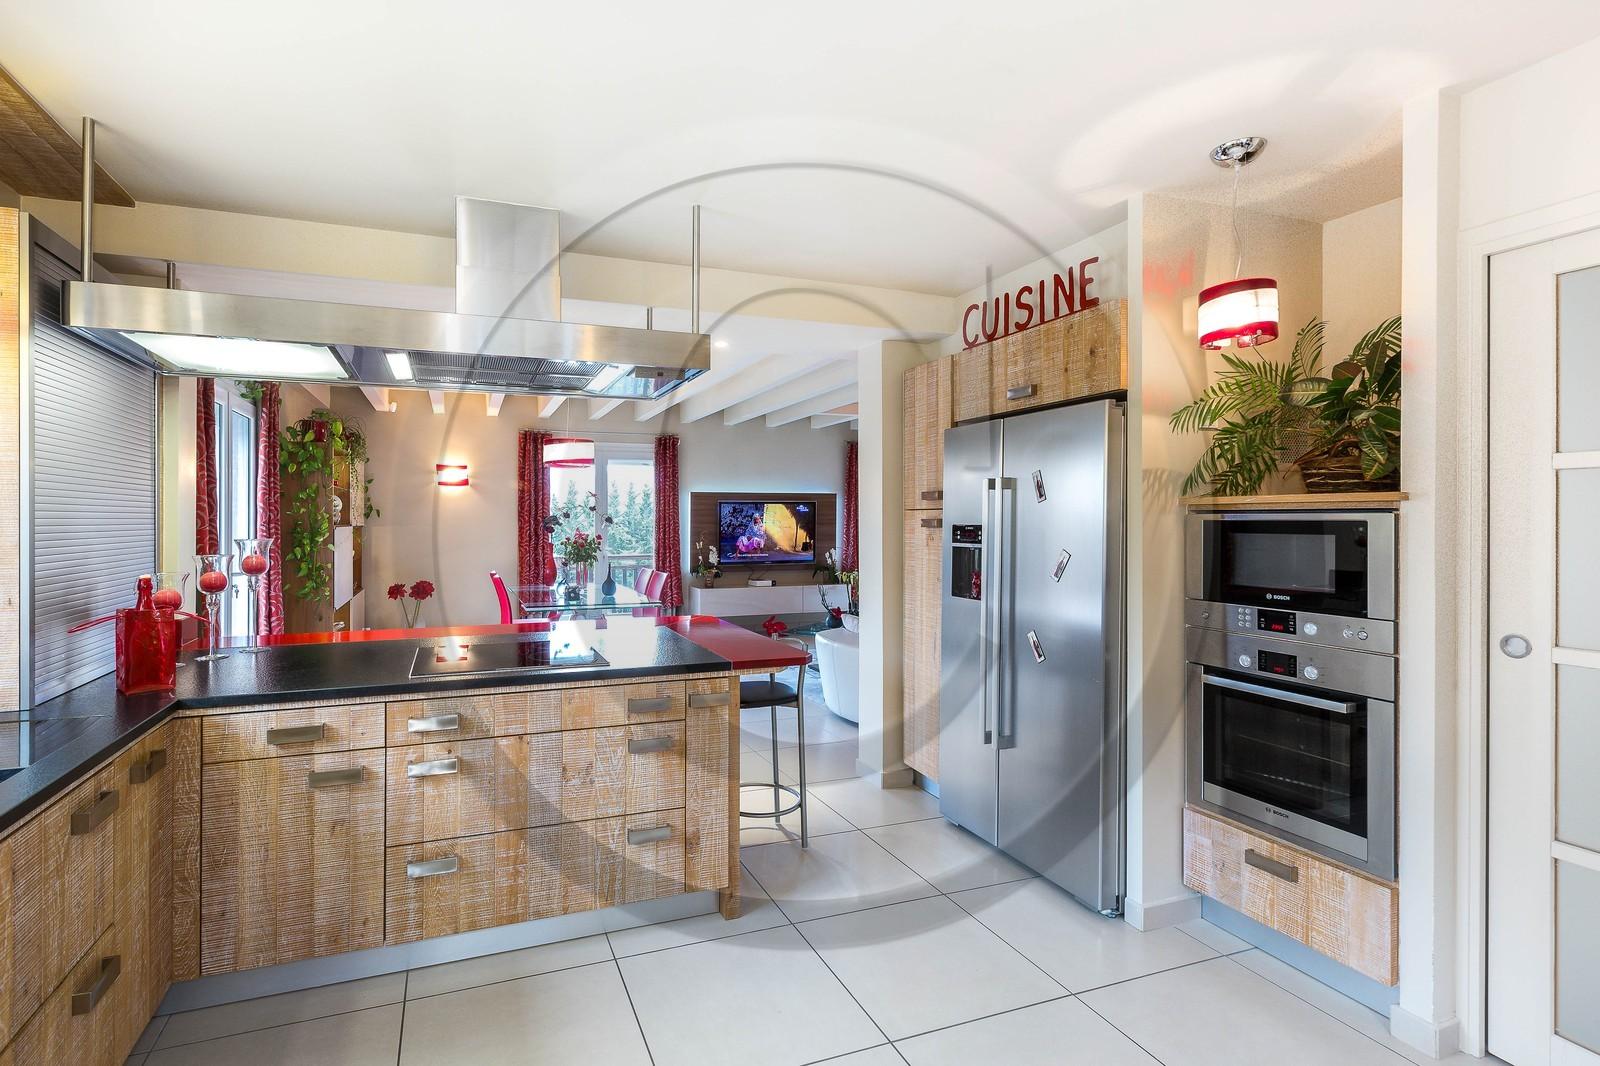 aude eyrioux d coratrice d 39 int rieur cuisines salle de bain am nagements d 39 int rieur. Black Bedroom Furniture Sets. Home Design Ideas